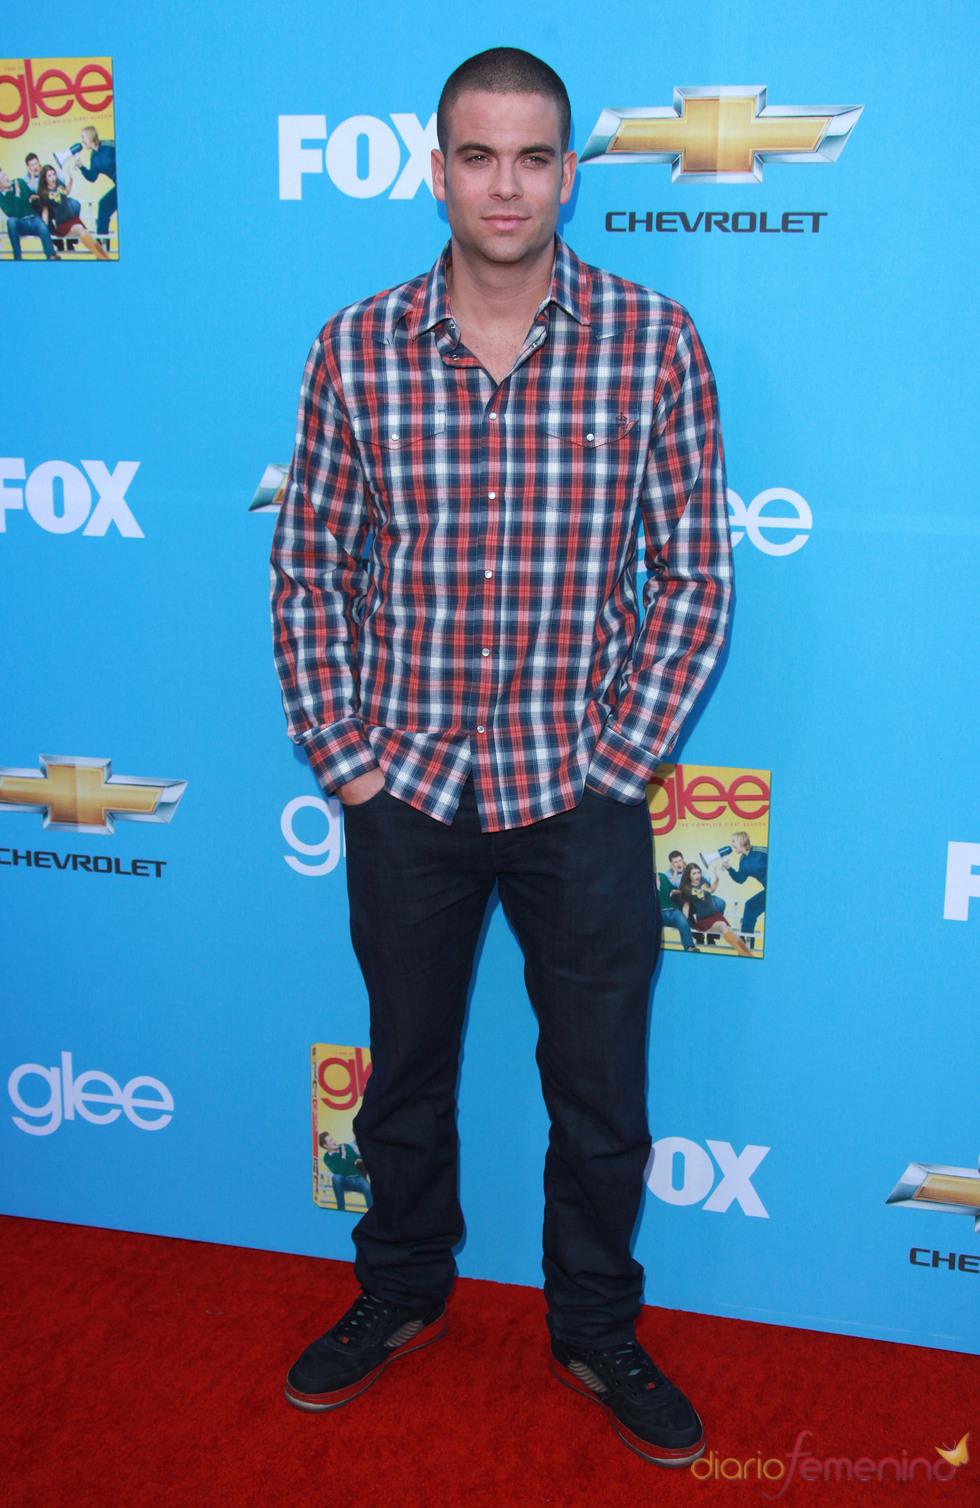 Mark Salling en el estreno de 'Glee'